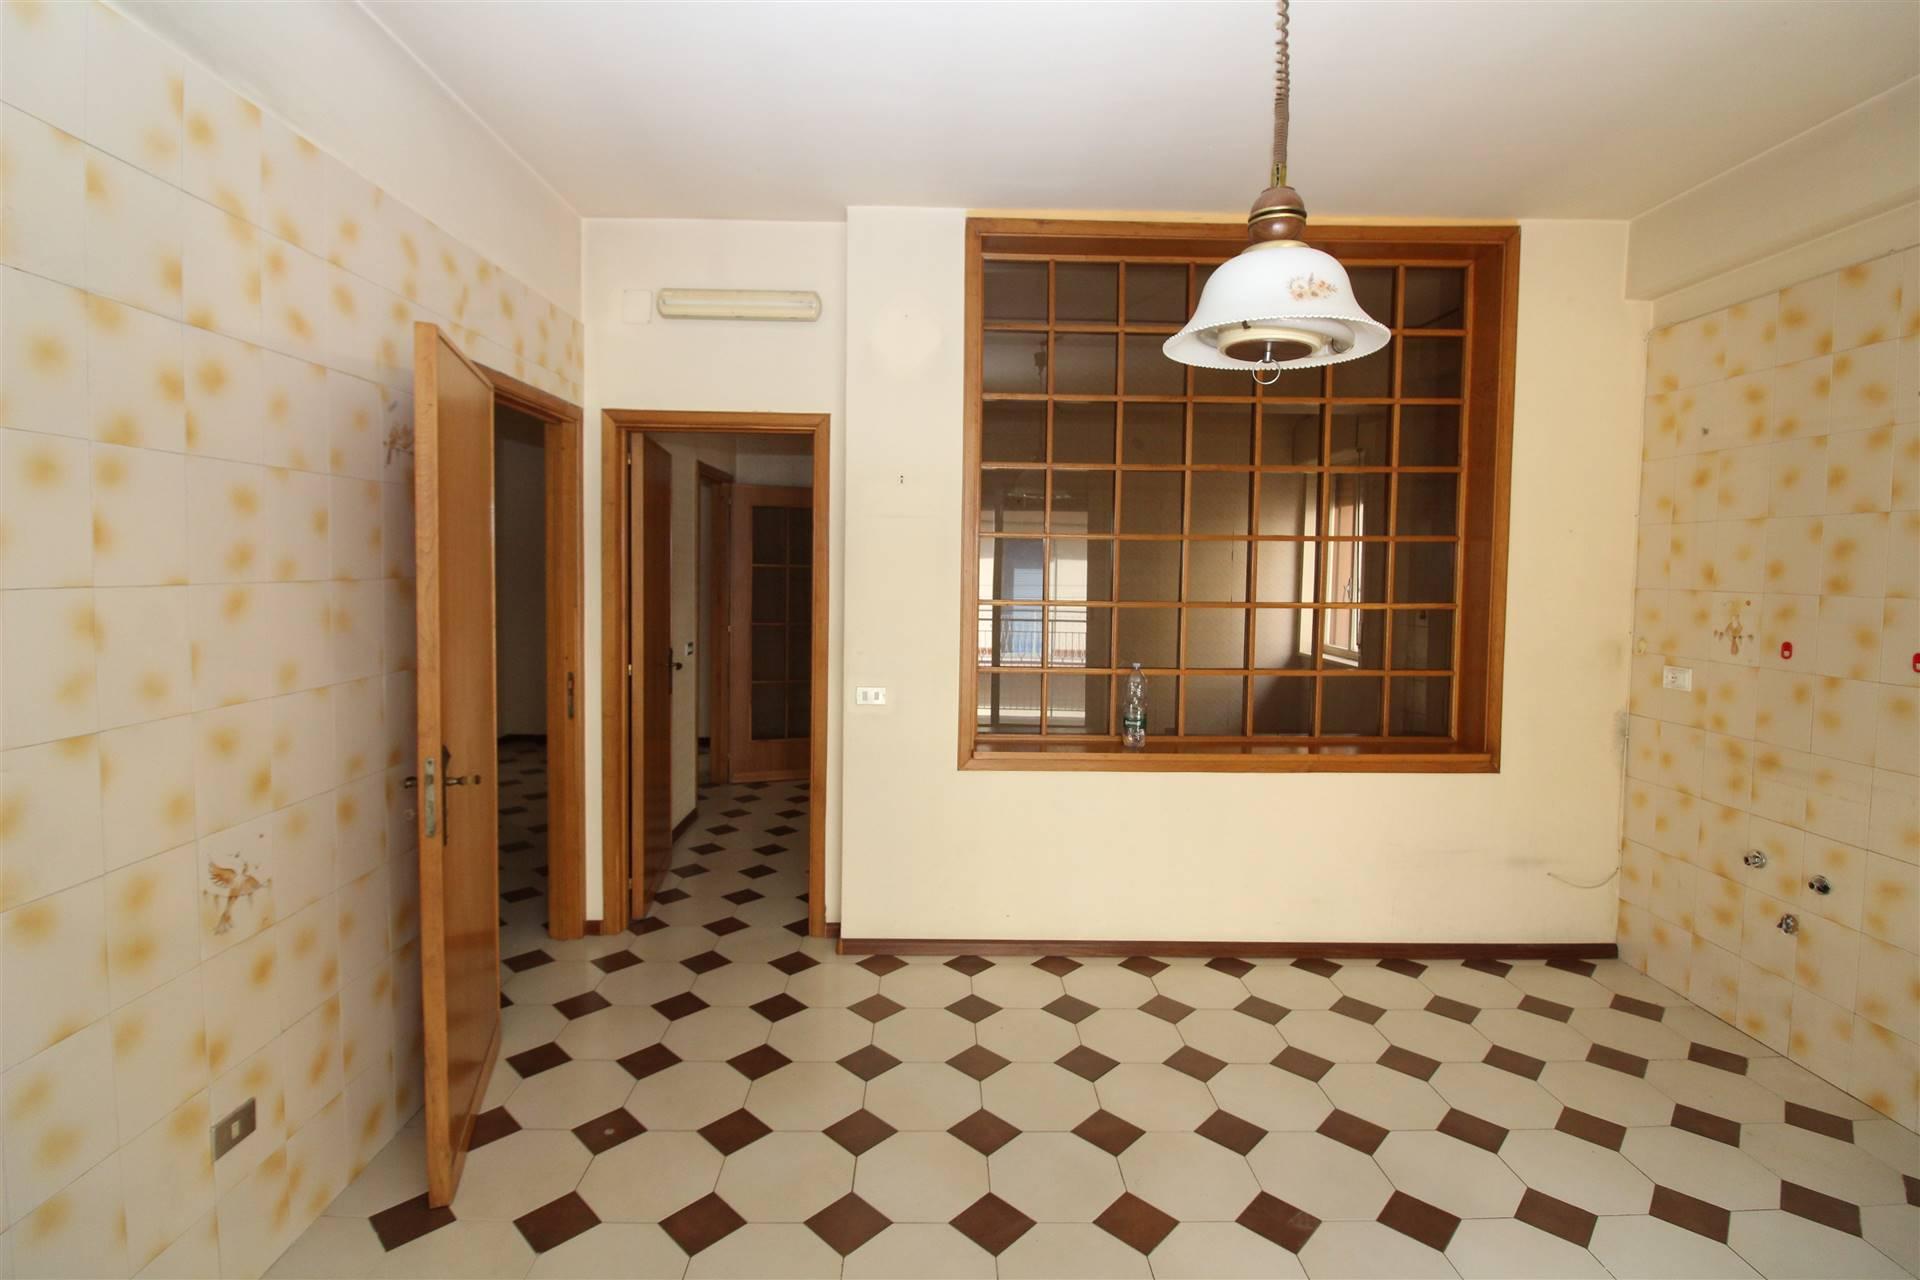 Appartamento in vendita a Lentini, 6 locali, zona Località: CENTRO, prezzo € 110.000 | PortaleAgenzieImmobiliari.it